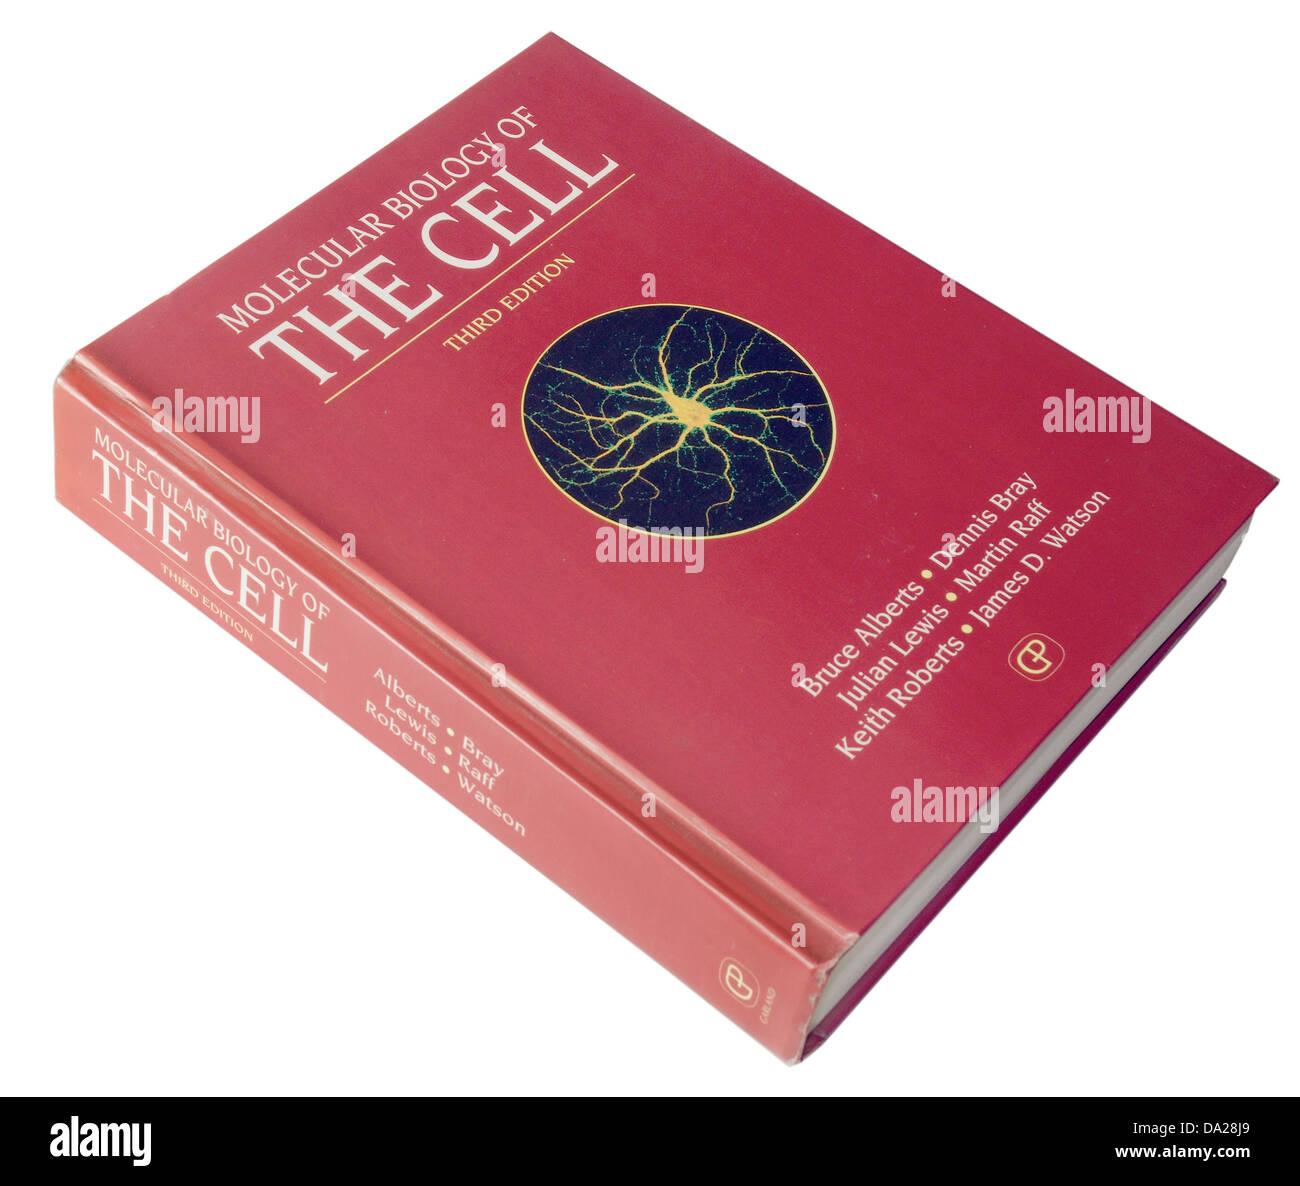 Biología Molecular de la célula libro de medicina Imagen De Stock